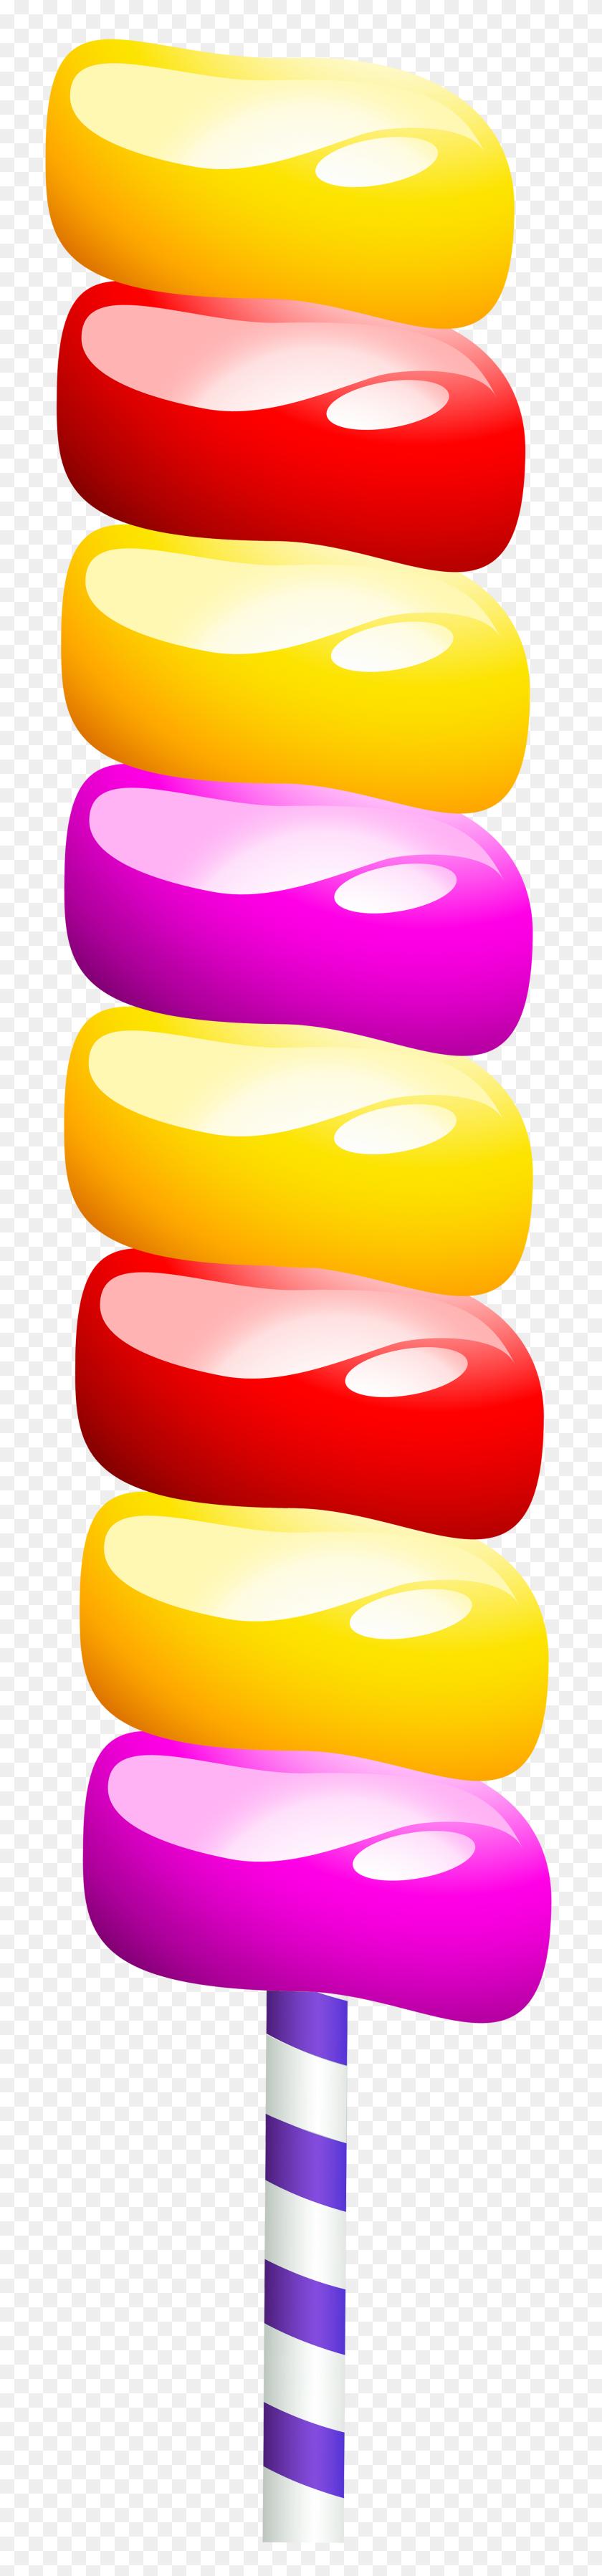 1765x8000 Lollipop Png Clip Art - Lollipop Clipart Free